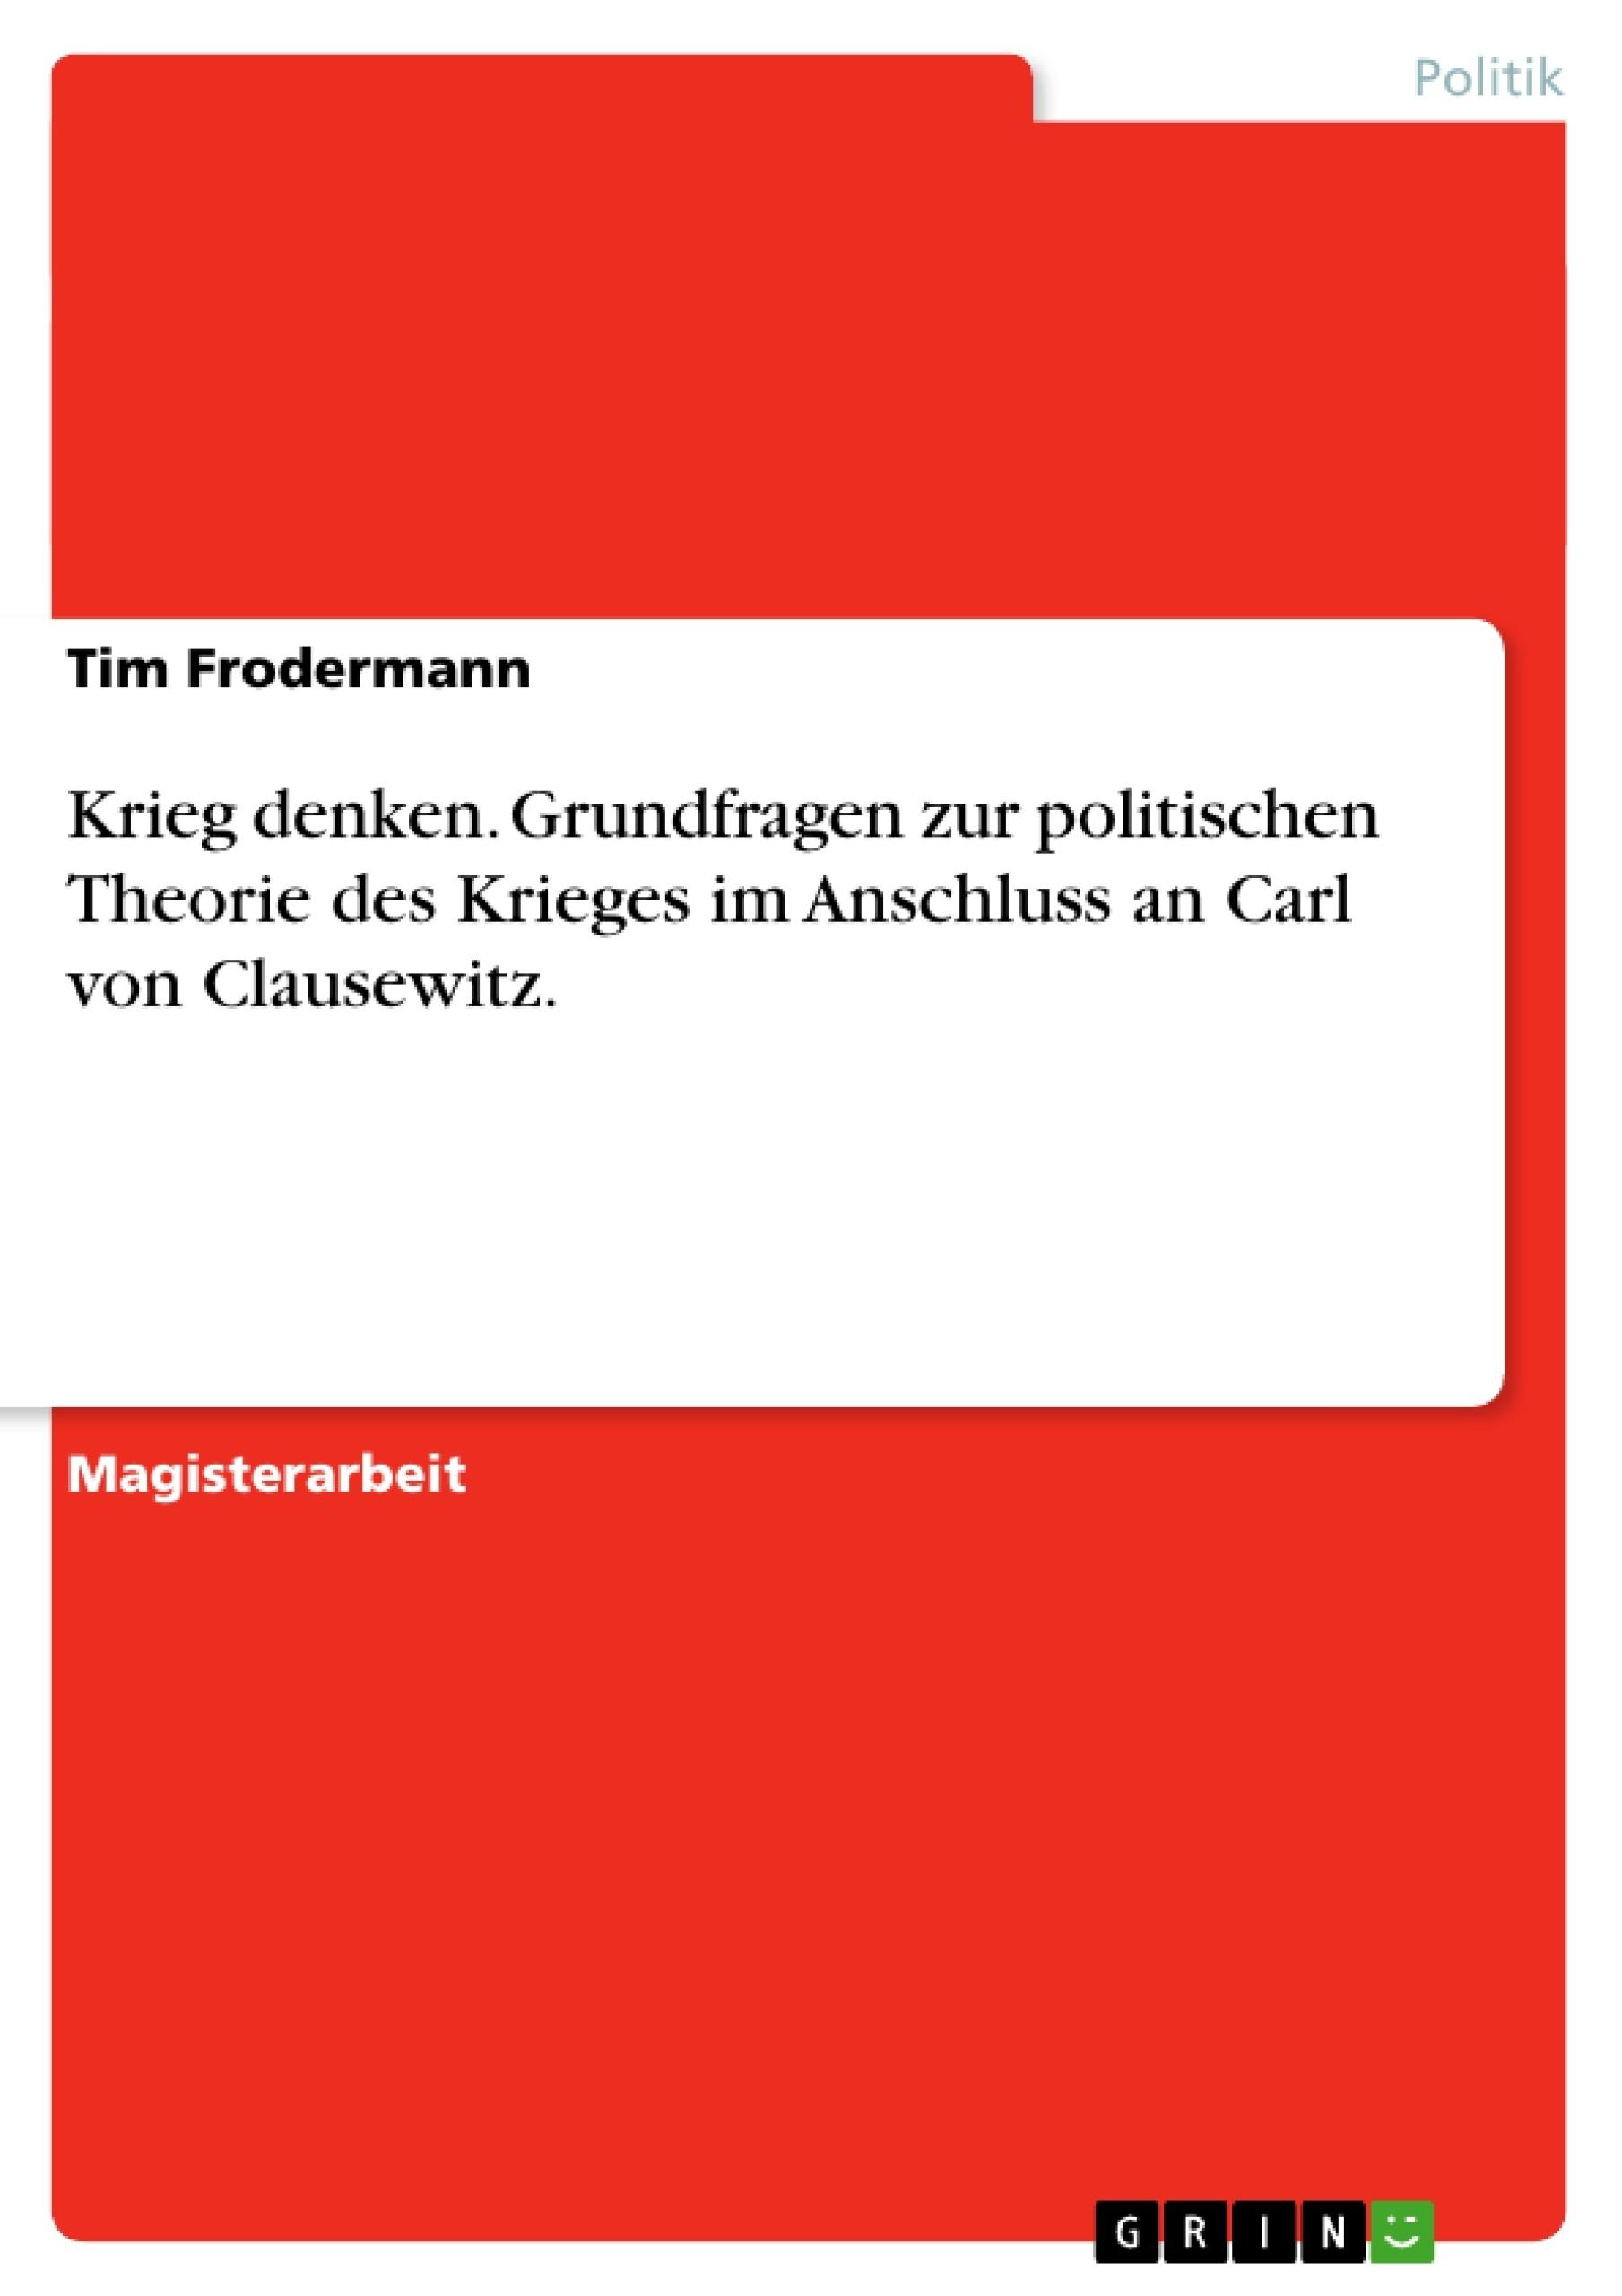 Titel: Krieg denken. Grundfragen zur politischen Theorie des Krieges im Anschluss an Carl von Clausewitz.